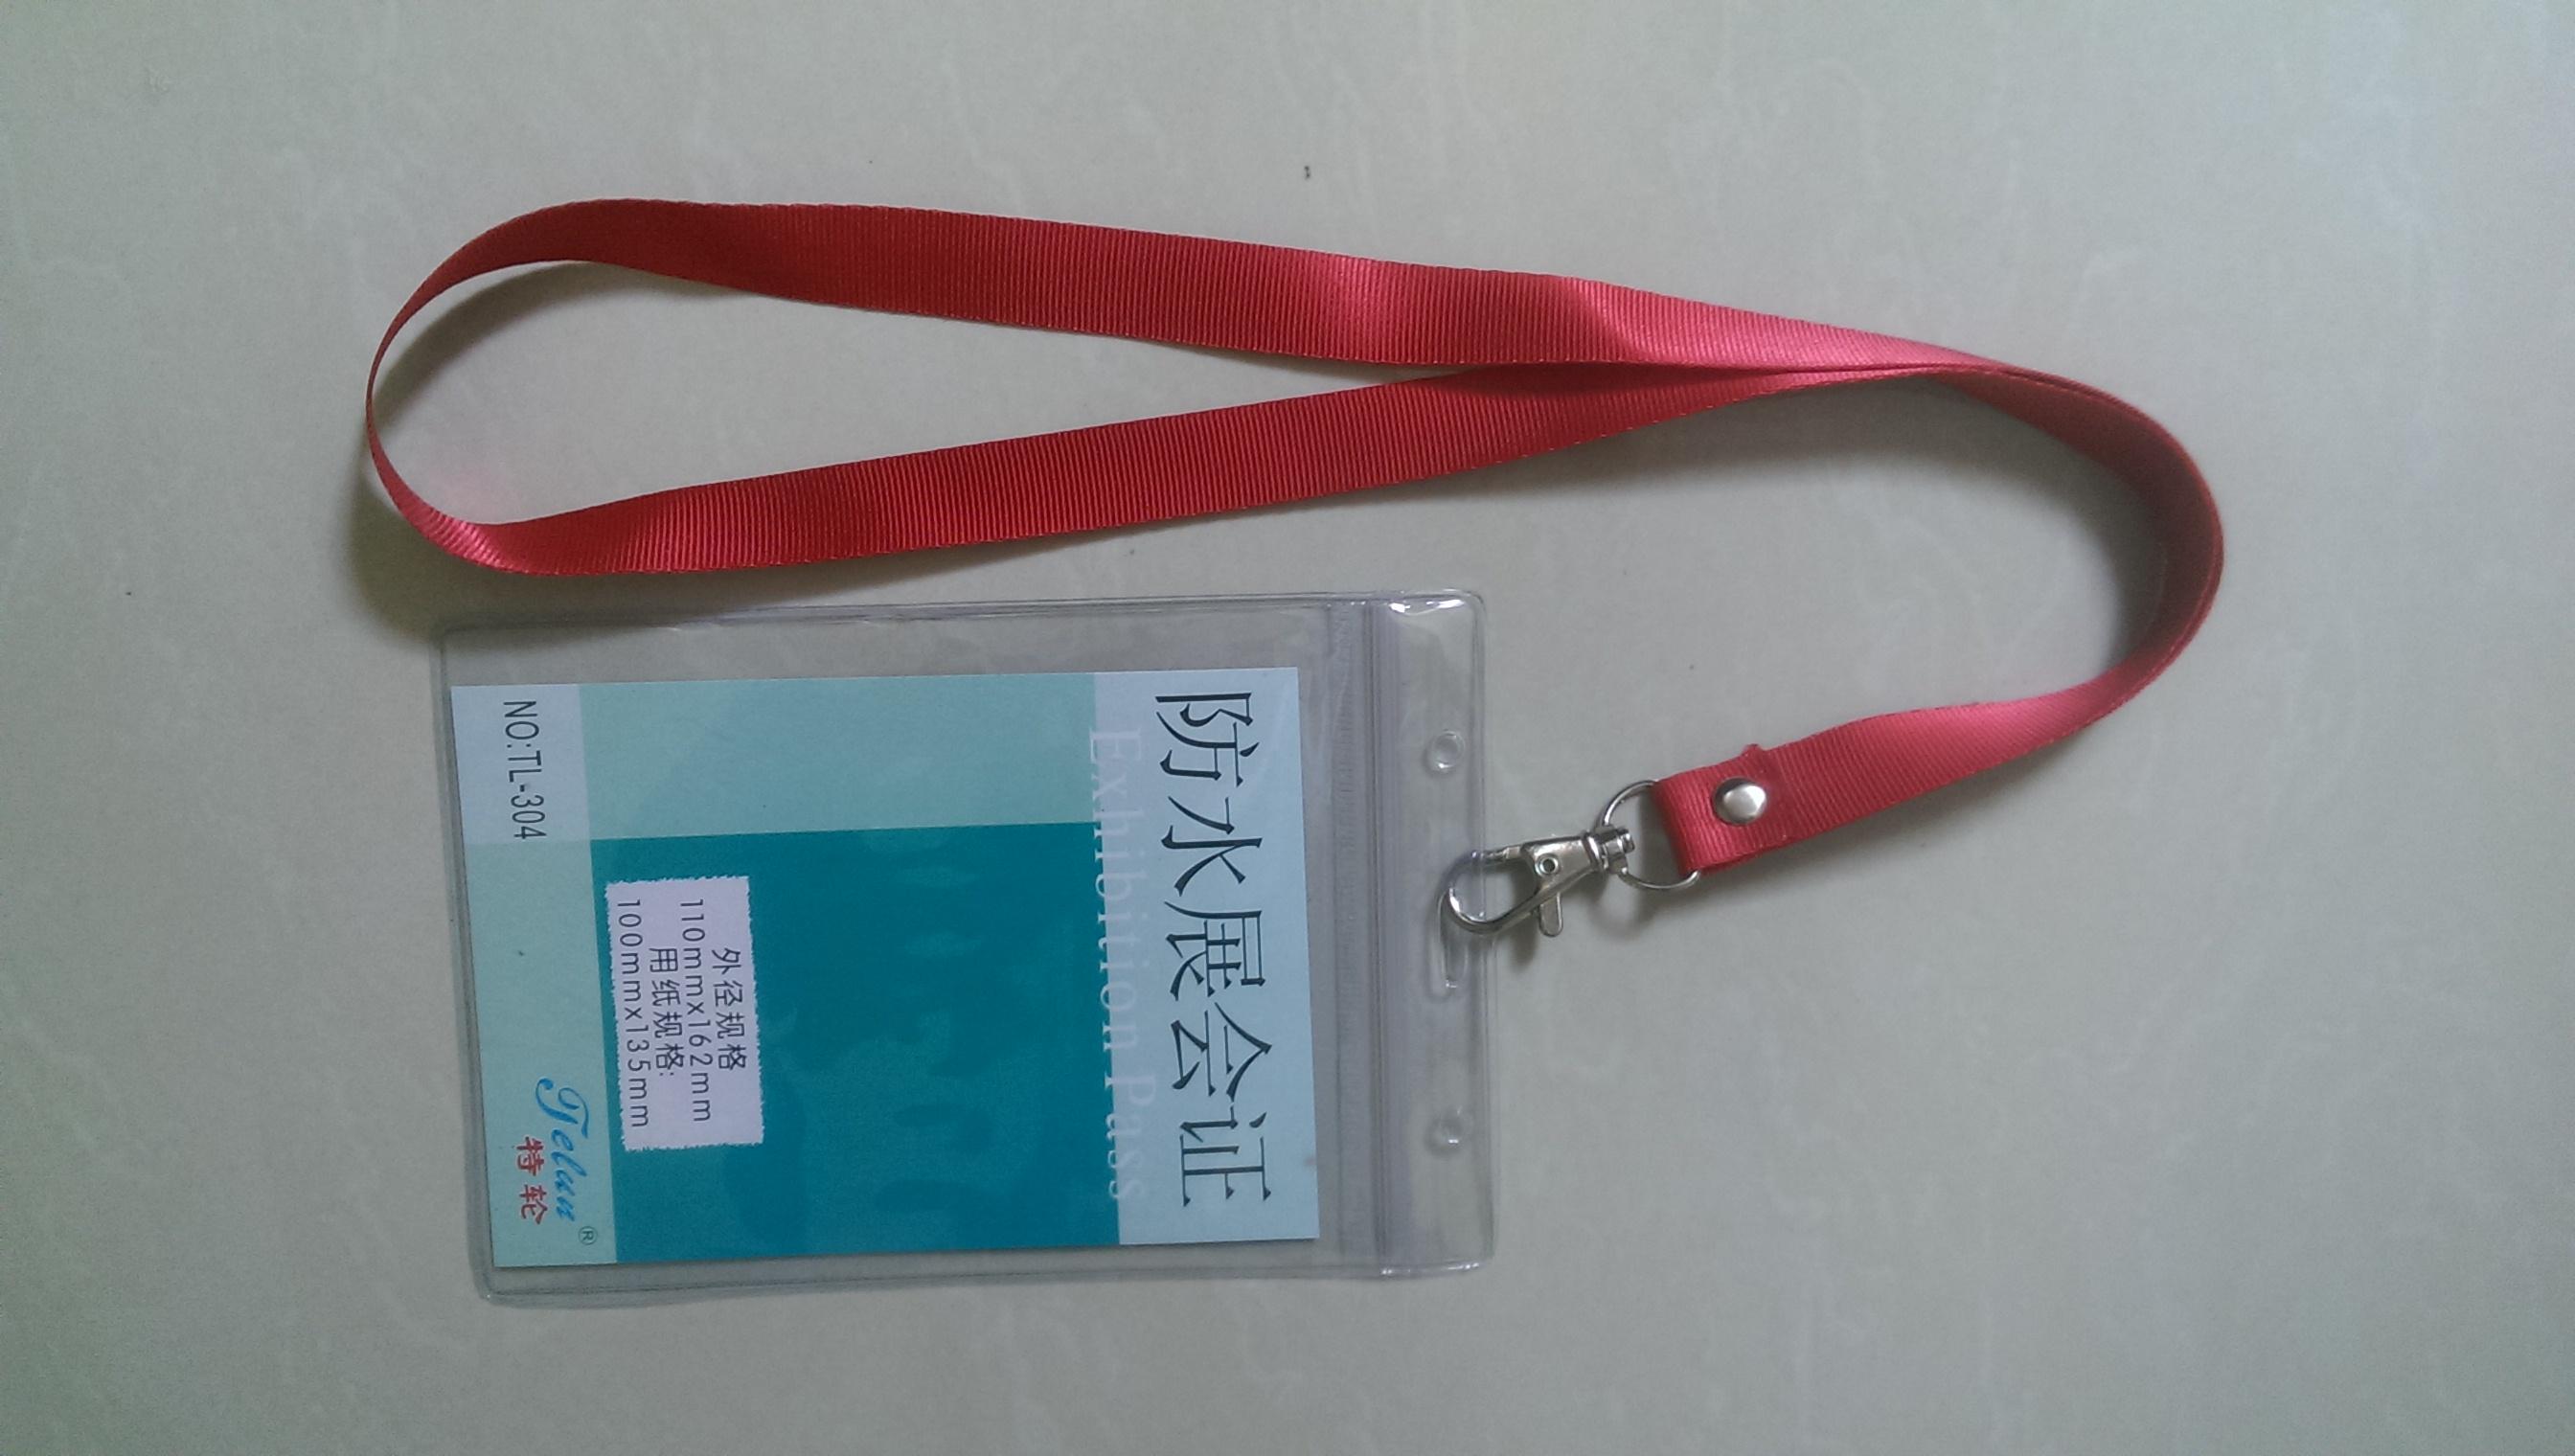 bao đeo màu xanh lá non, bao đeo thẻ màu tím, bao chứa thẻ màu đỏ